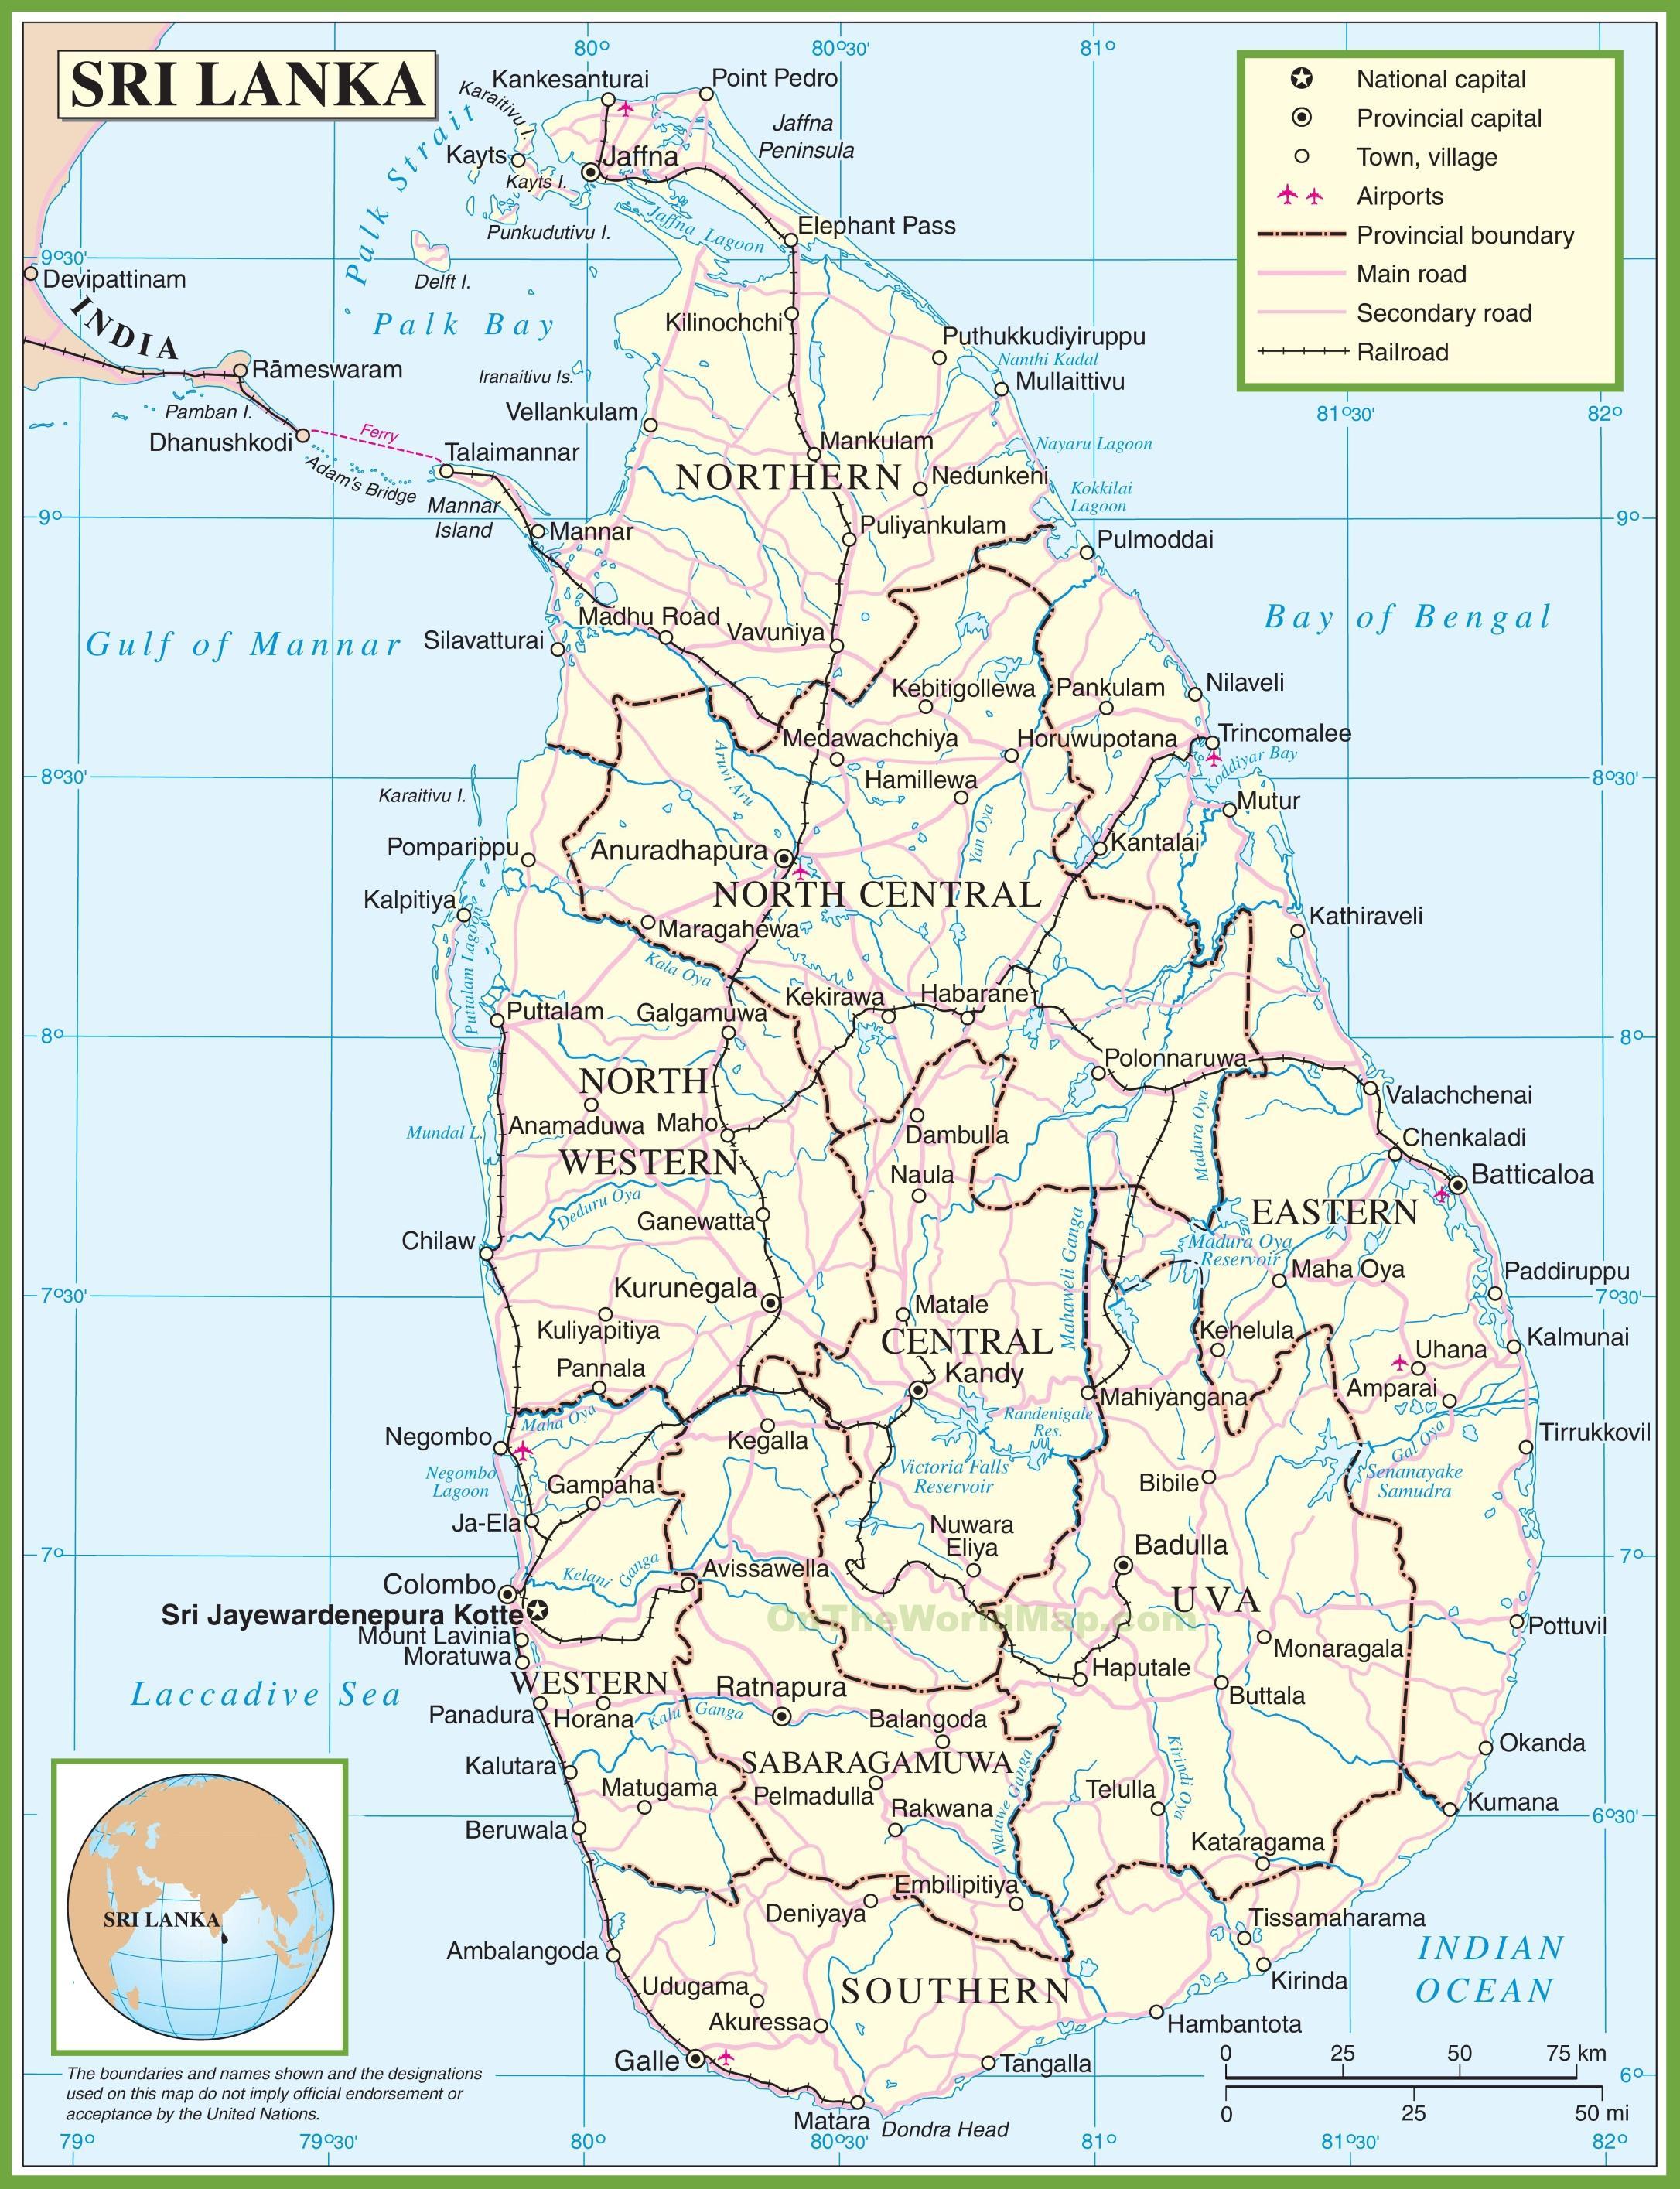 Mapa De Sri Lanka.Mapa De Sri Lanka Un Mapa De Sri Lanka Asia Sur Asia